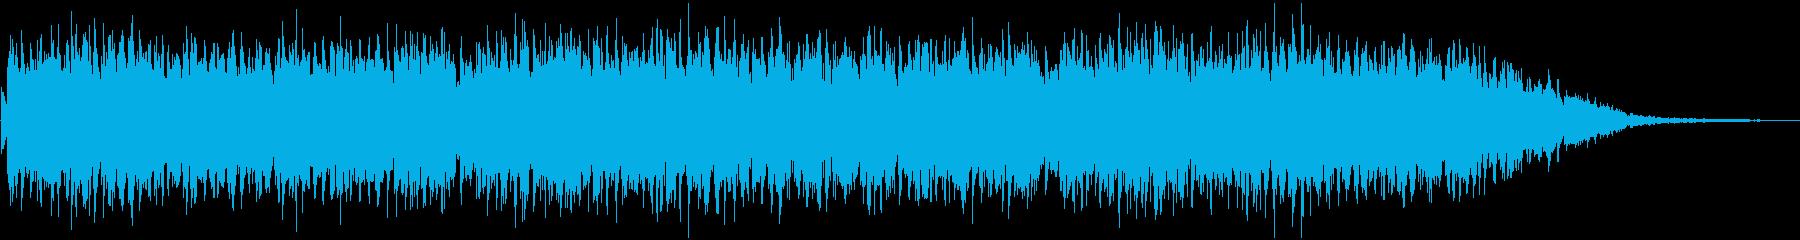 アンニュイなアコギメインのBGMの再生済みの波形